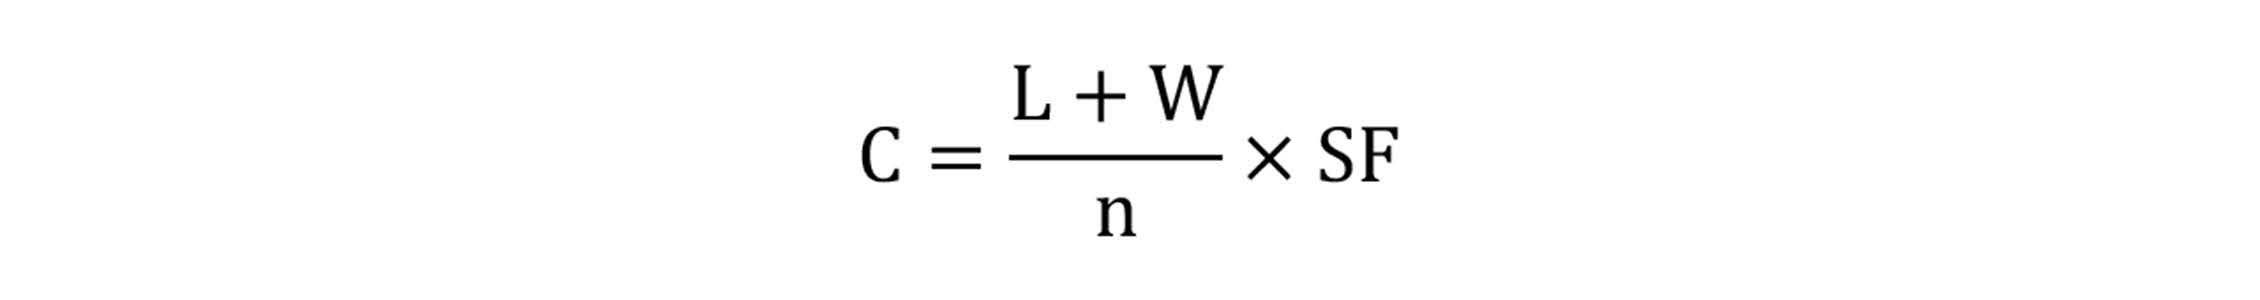 Caster Capacity Formula